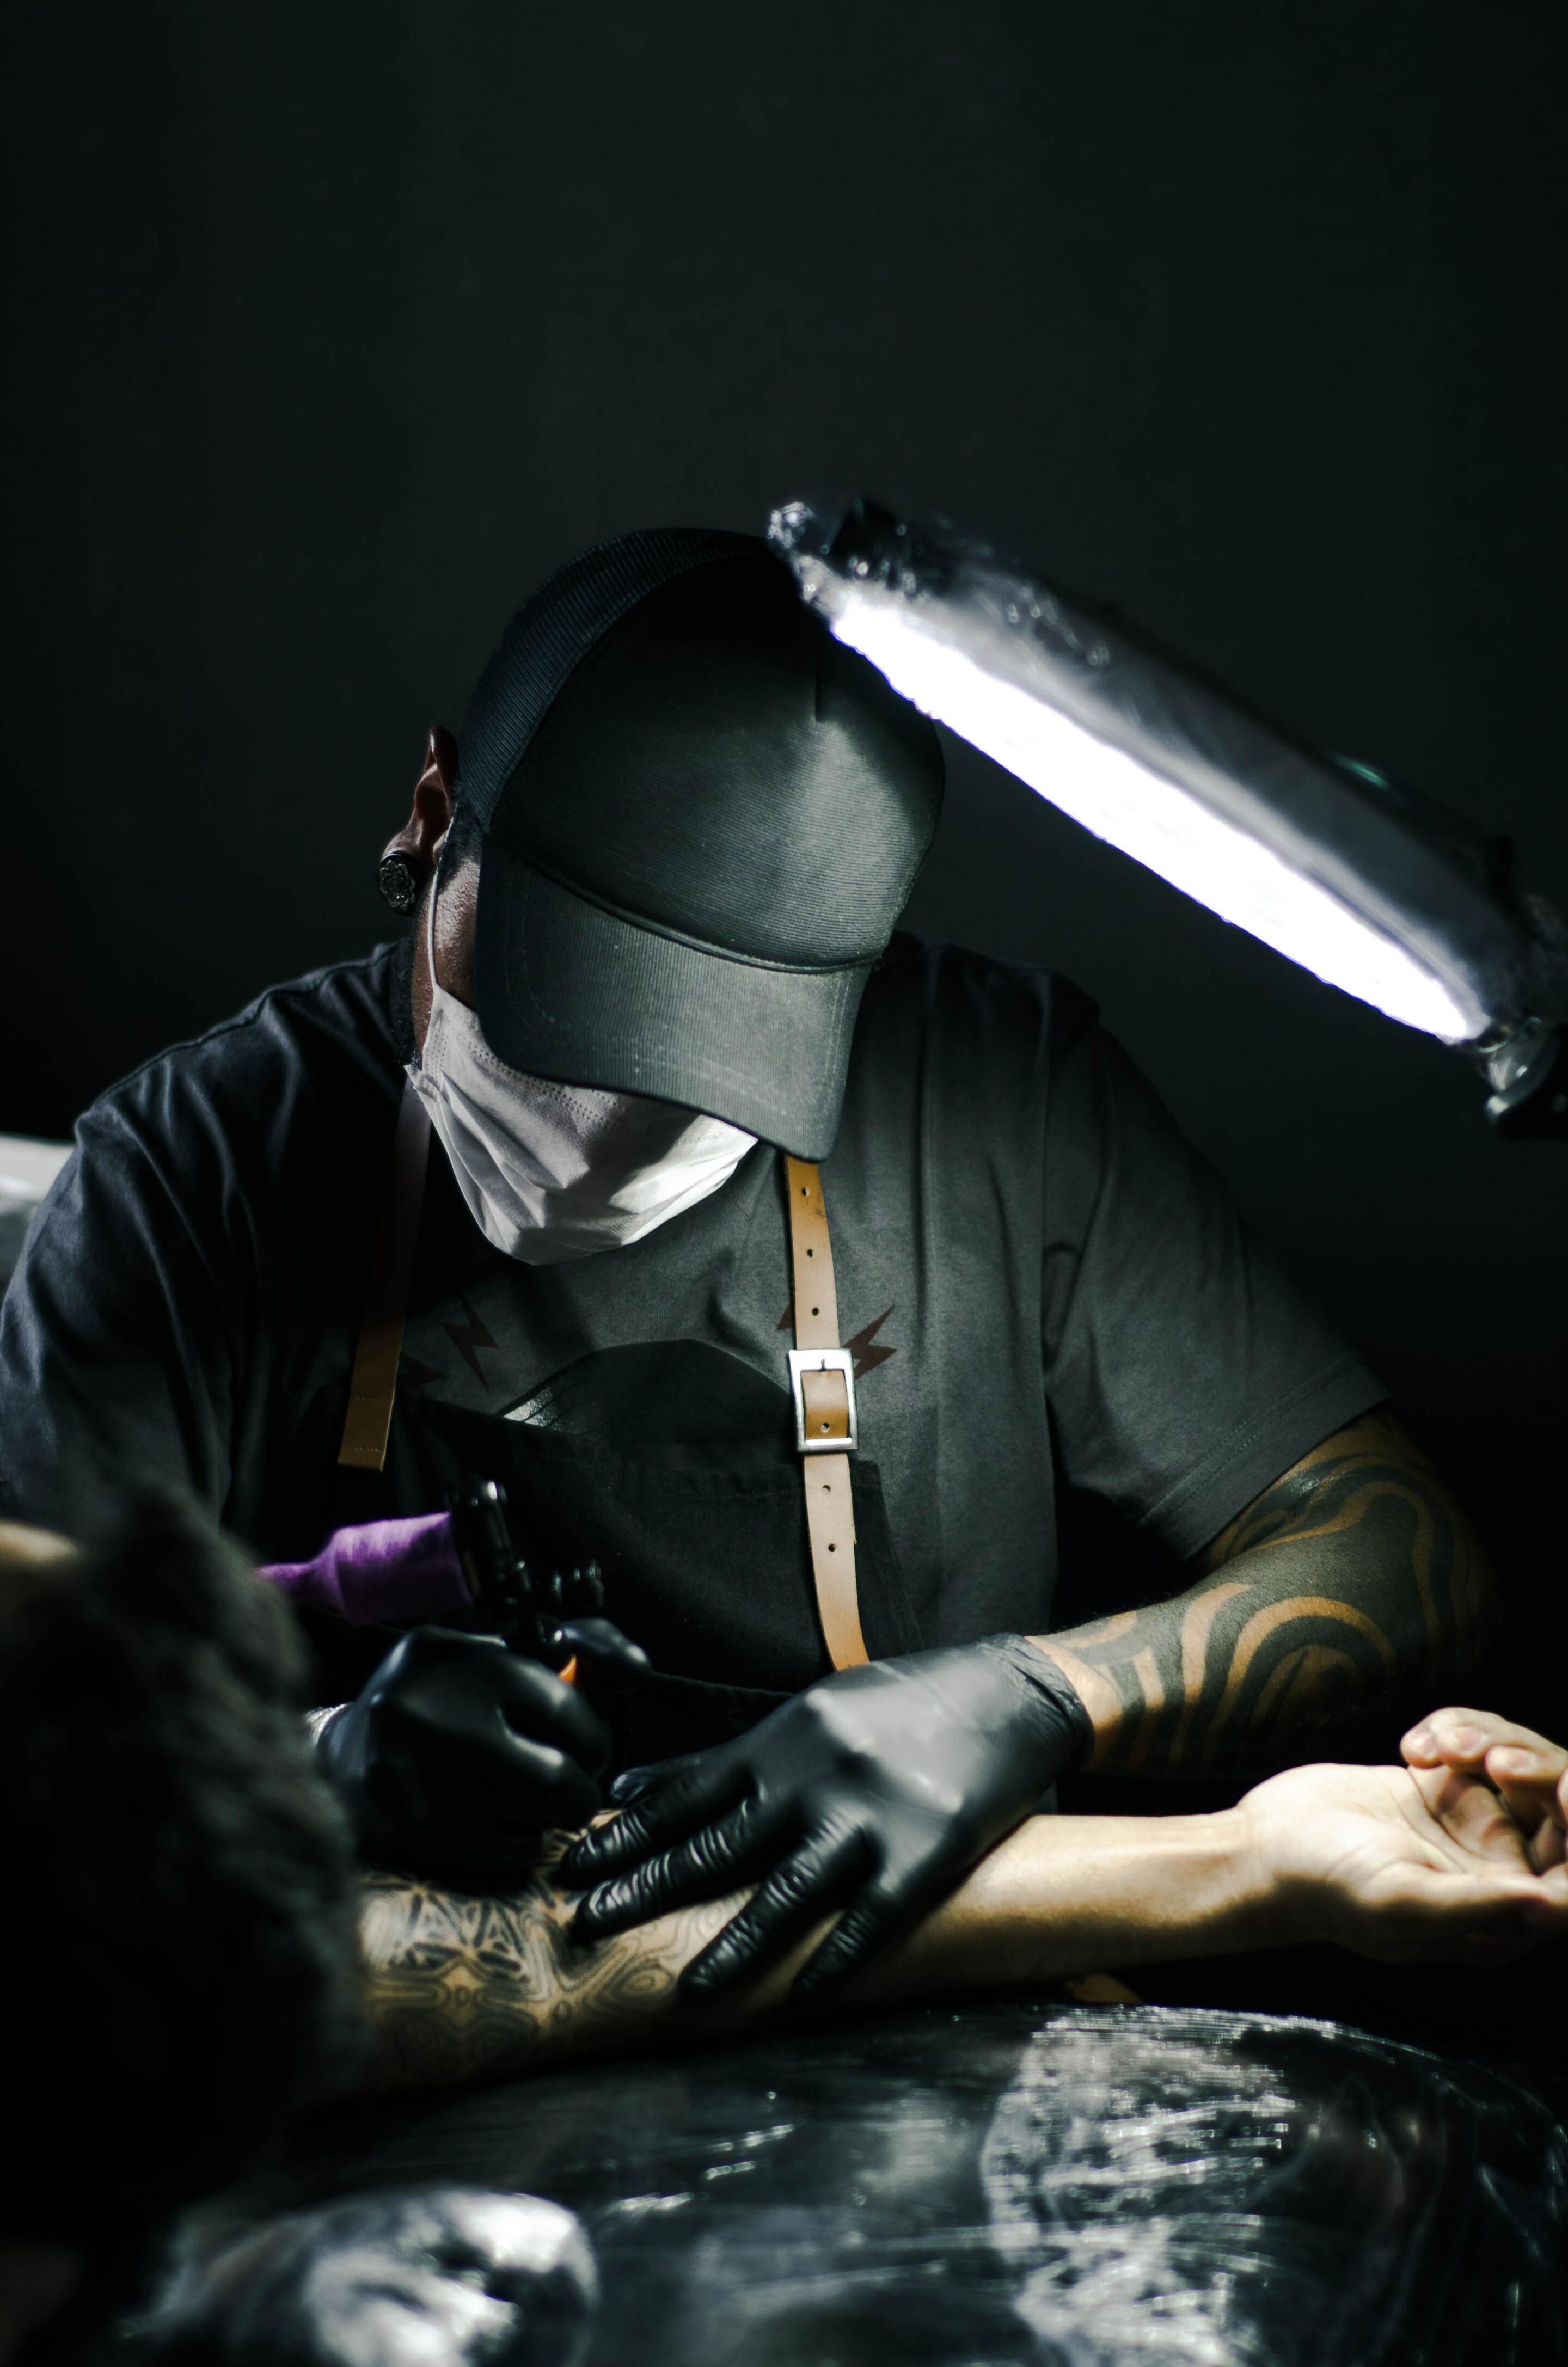 Quer Saber A História Completa Sobre As Origens Da Tatuagem